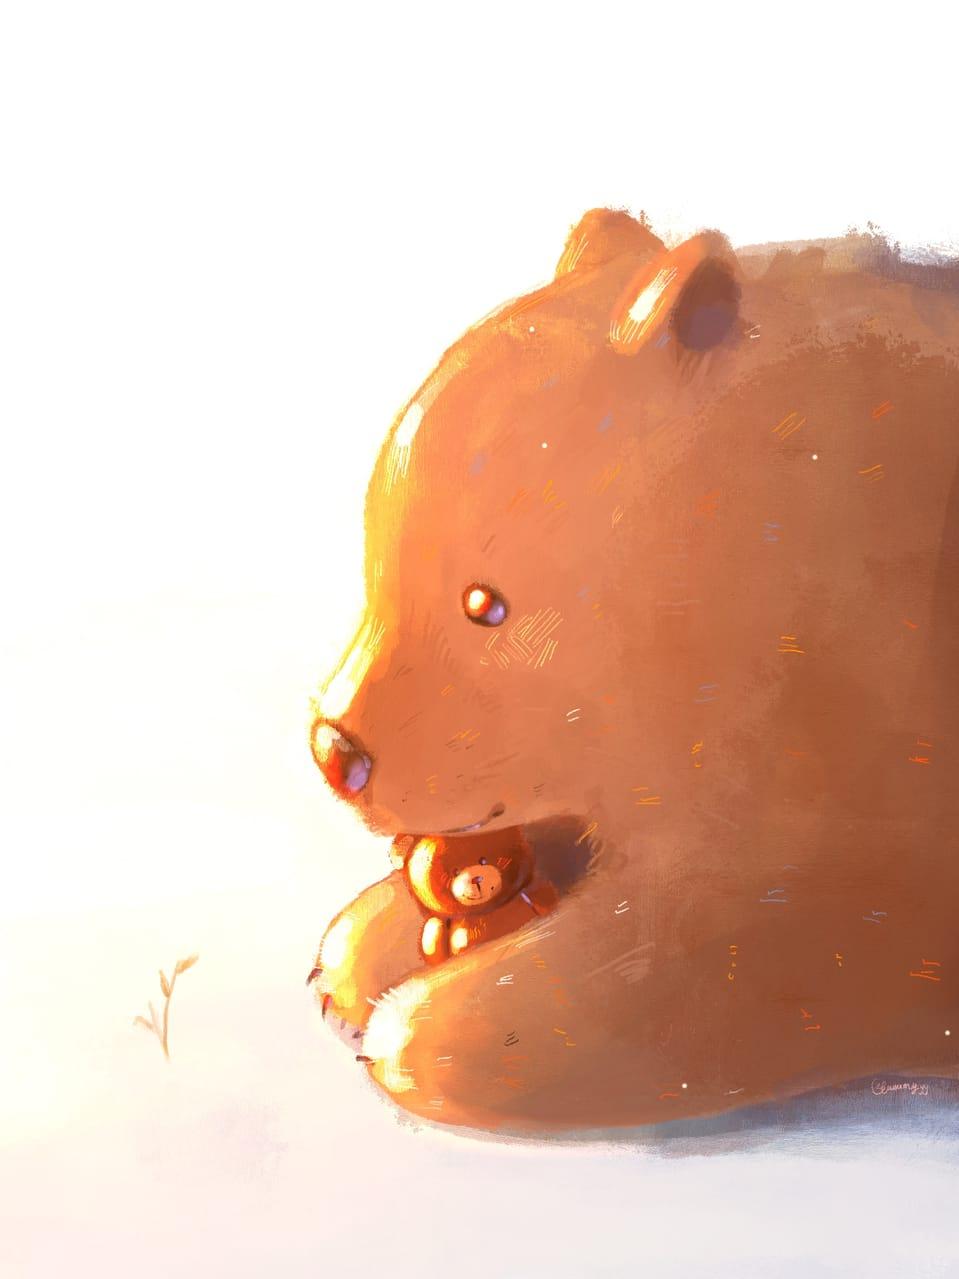 Big teddy & small teddy :) Illust of Gummy.yy teddybear illustration heartwarming cute